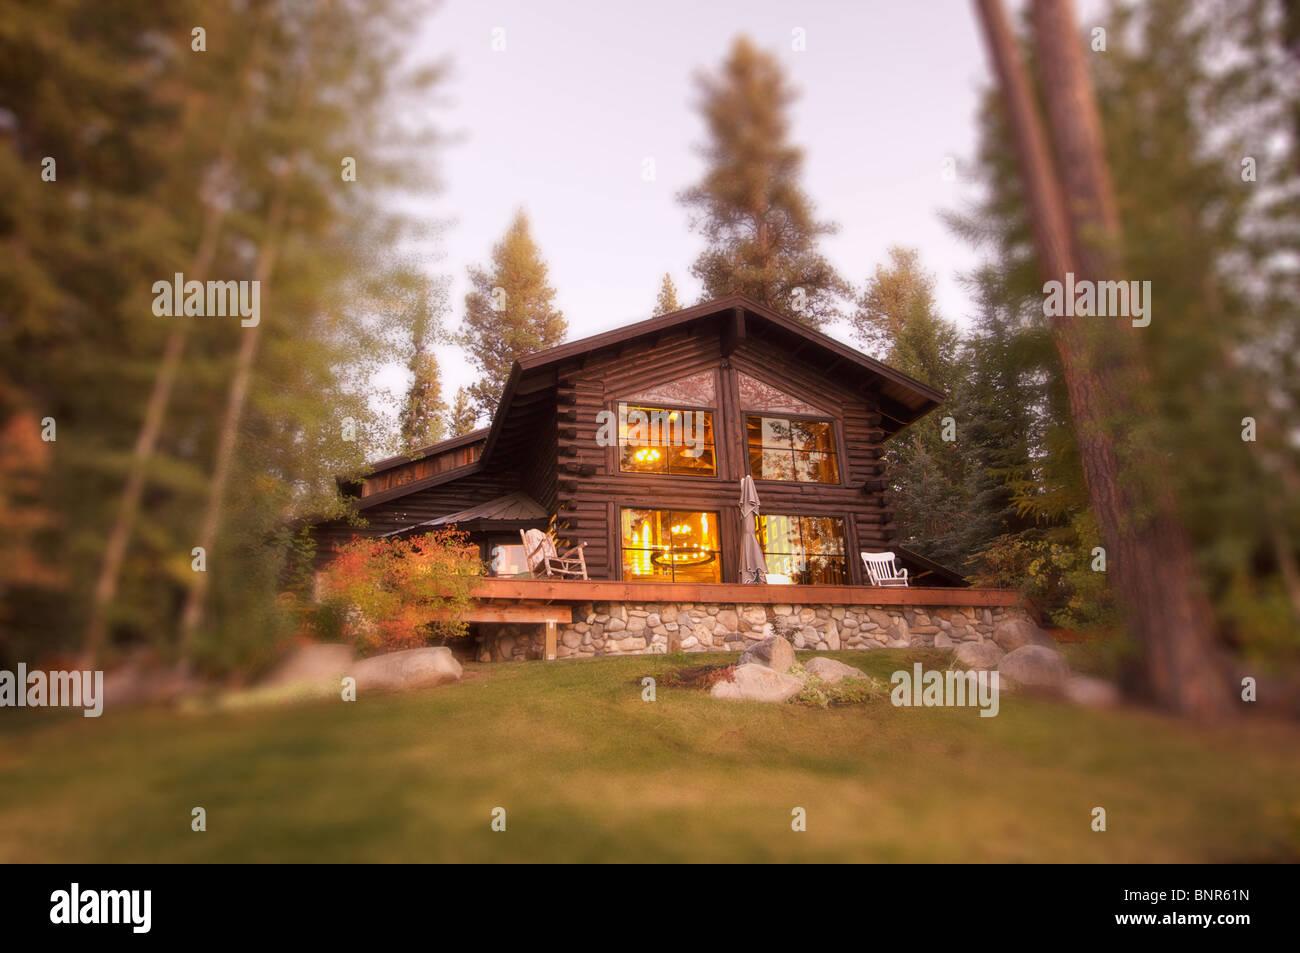 Hermosa Cabaña entre pinos exterior Imagen De Stock